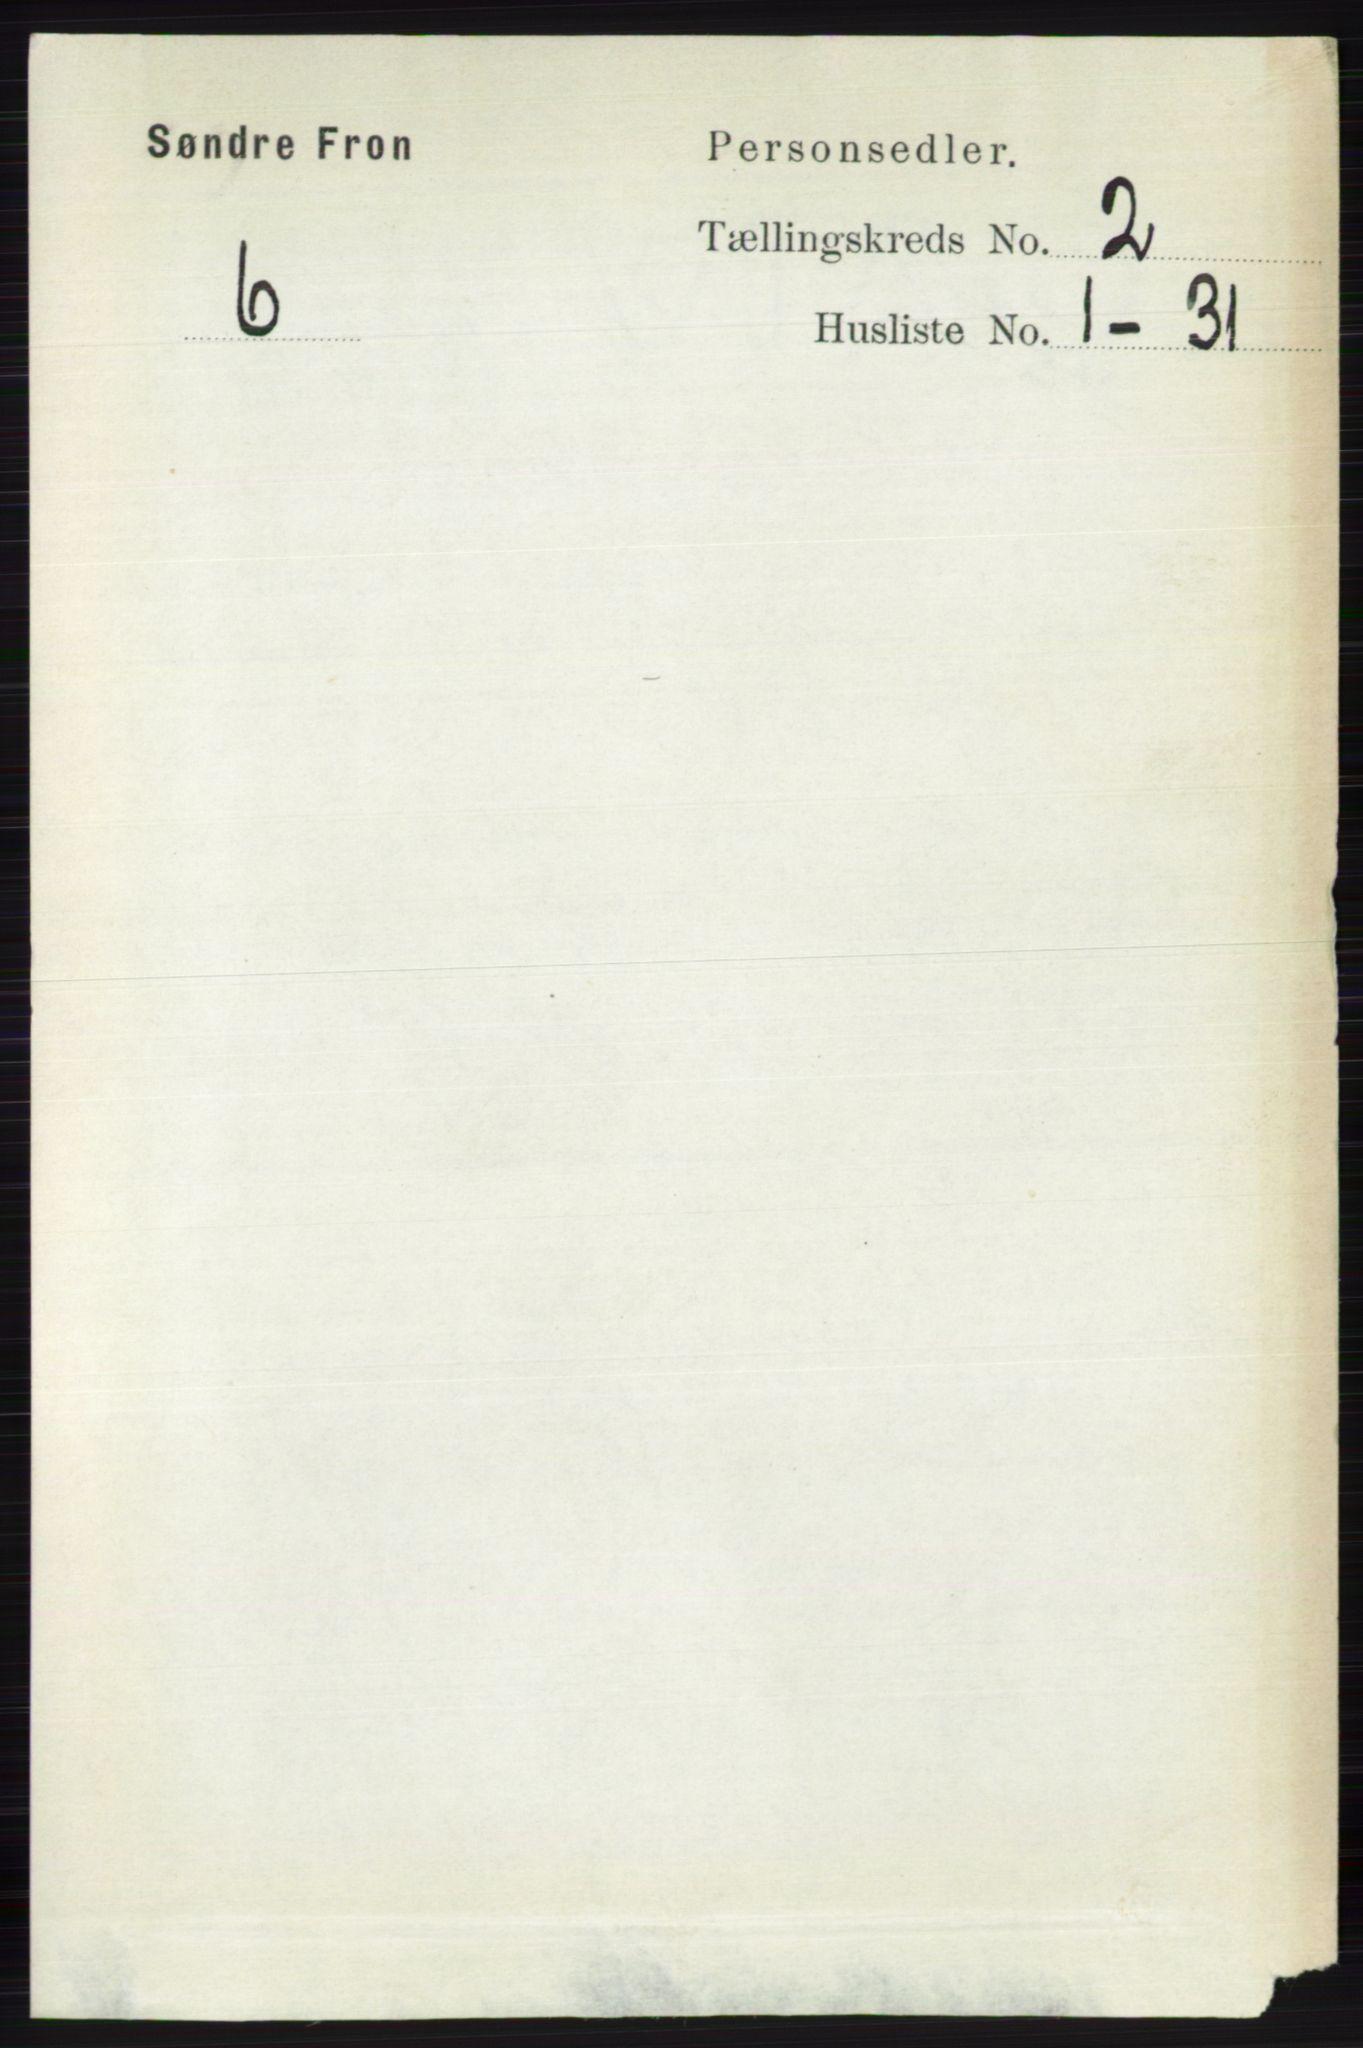 RA, Folketelling 1891 for 0519 Sør-Fron herred, 1891, s. 561